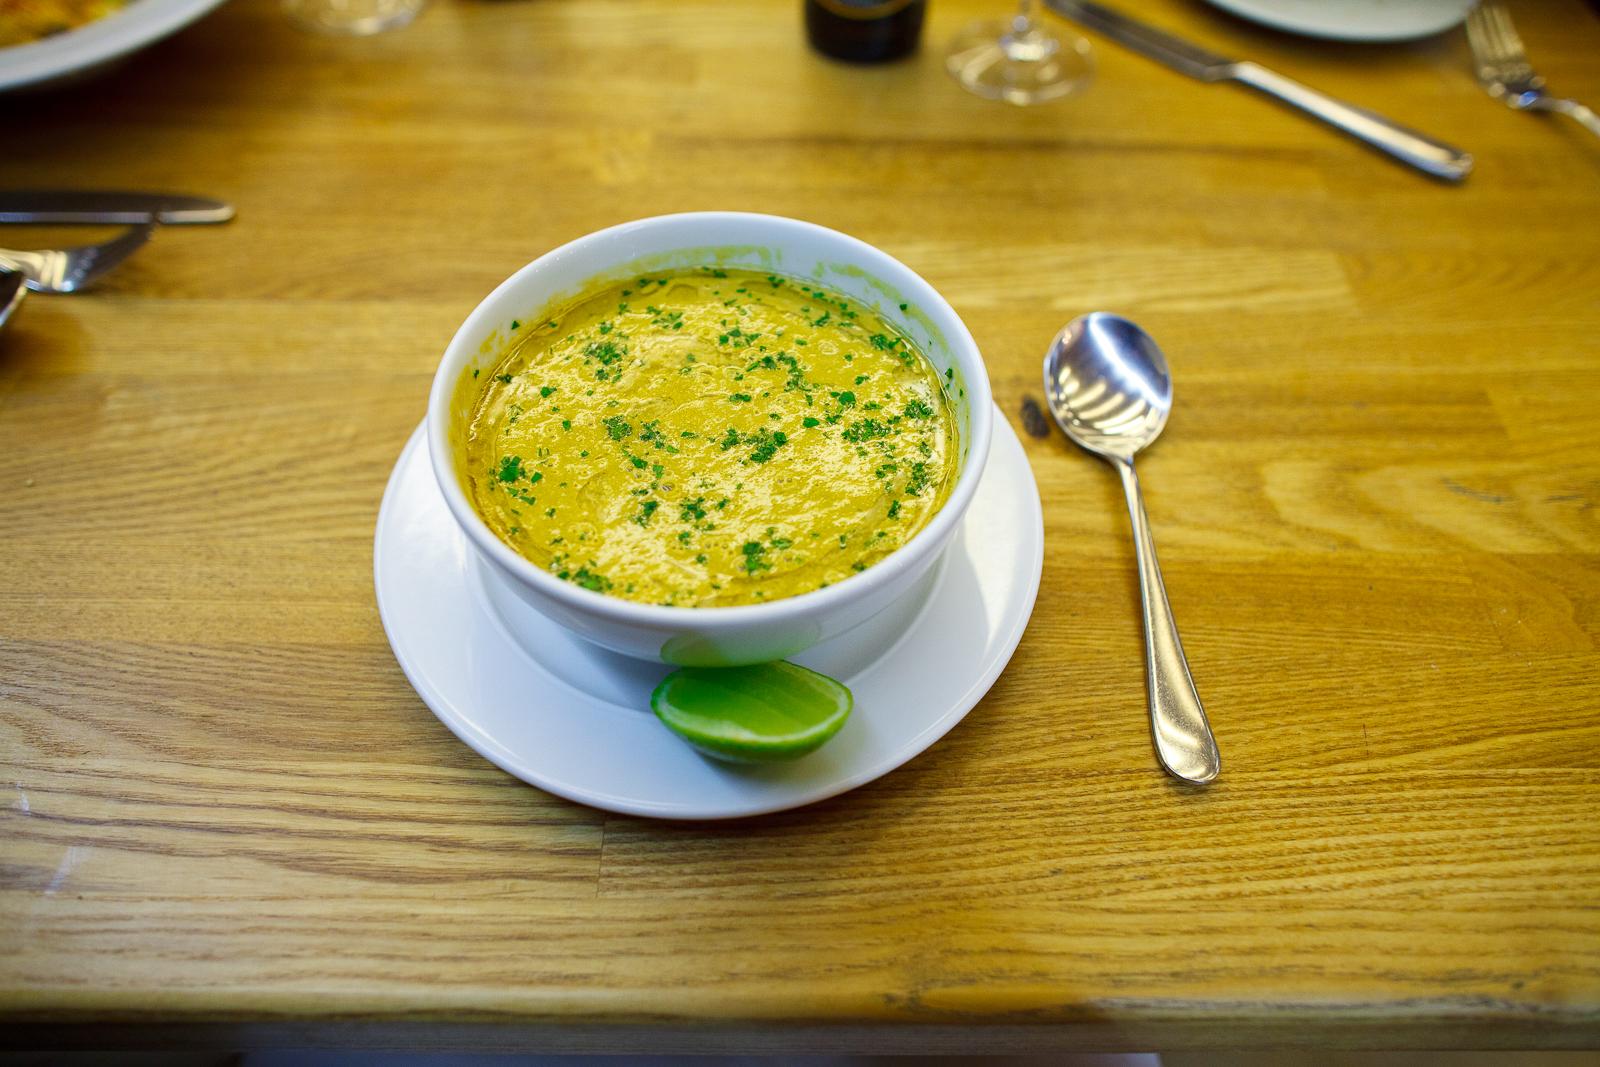 Sopa de mejillones con pancetta (mussel soup with pancetta) (95 MXP)